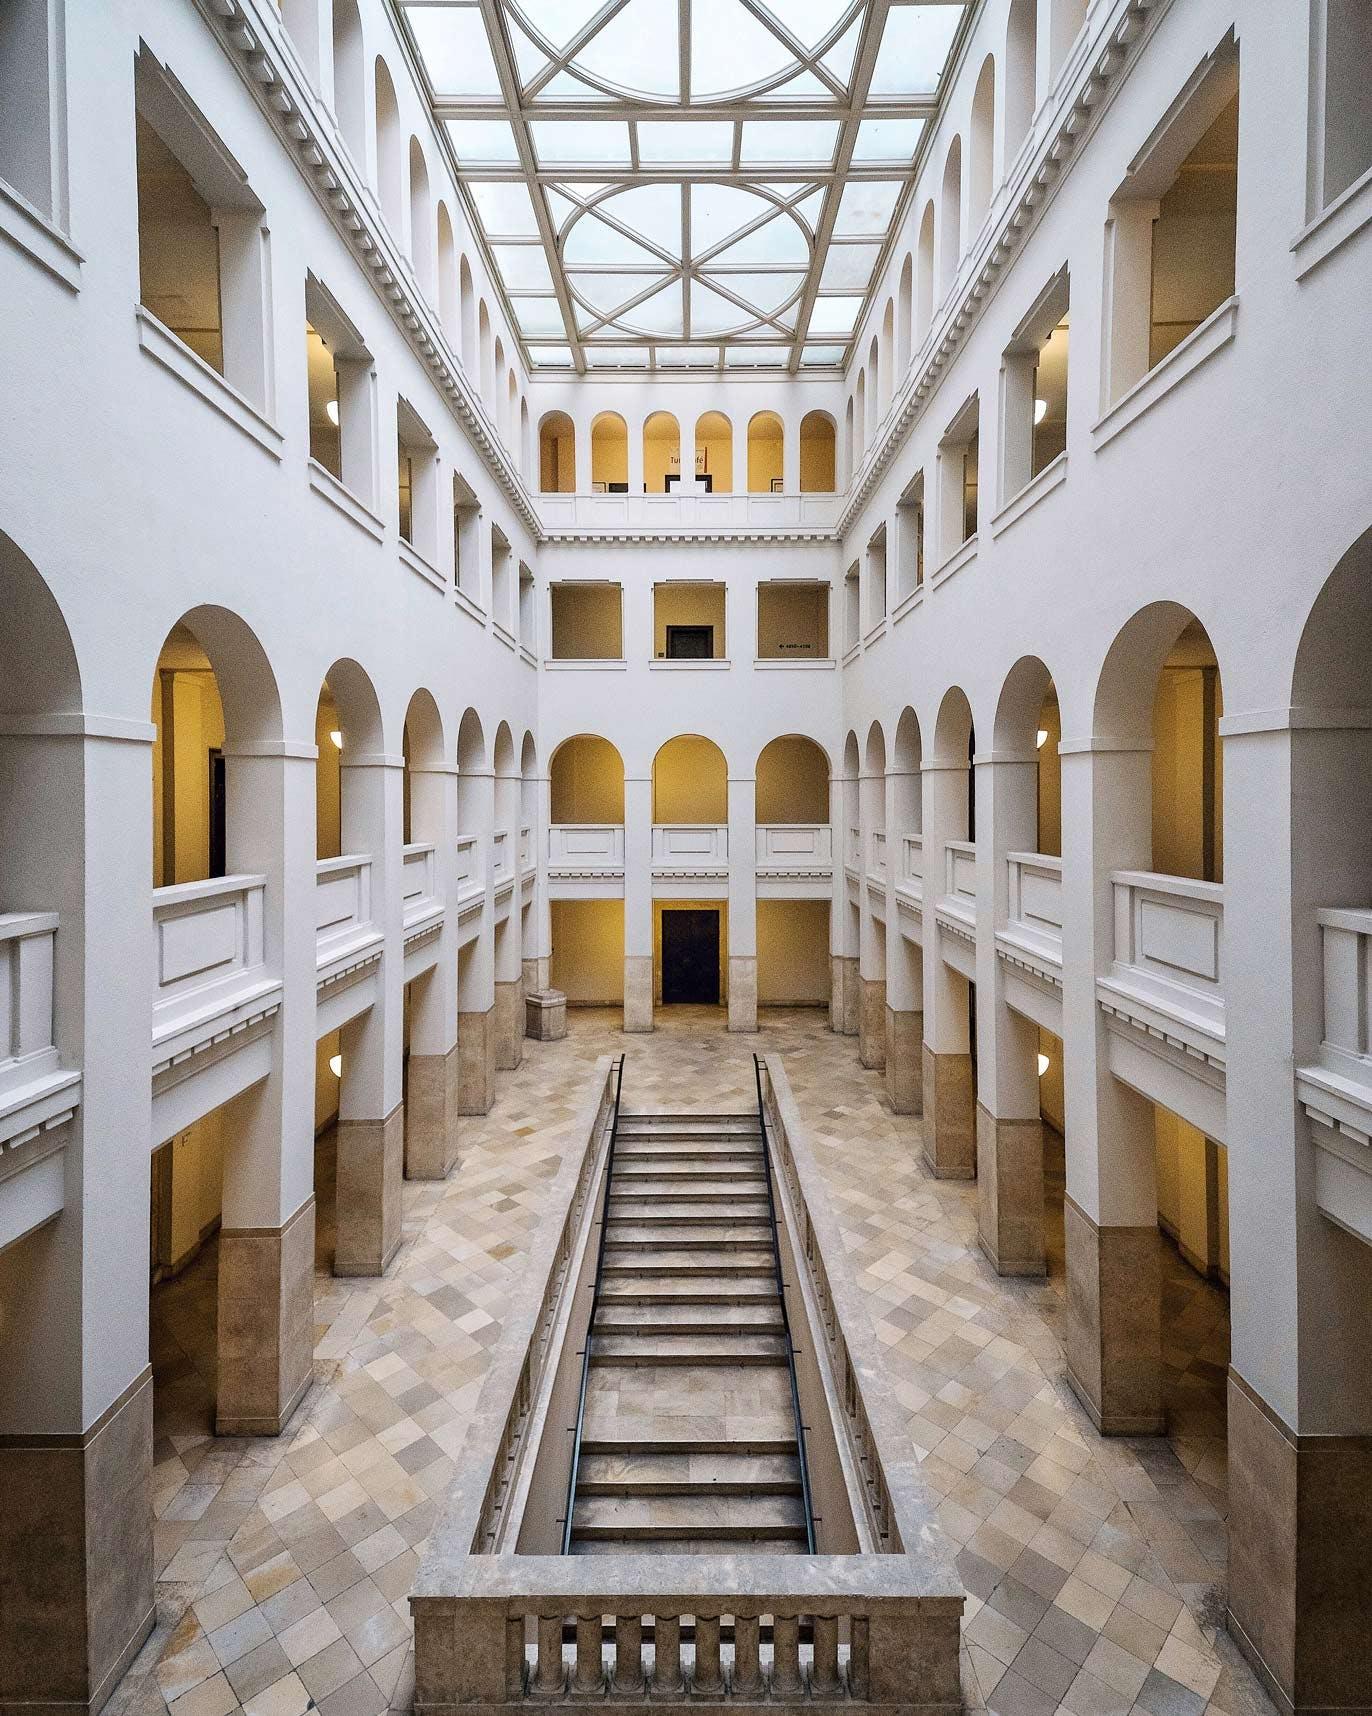 Peter-Behrens-Haus Behrensbau Hallway